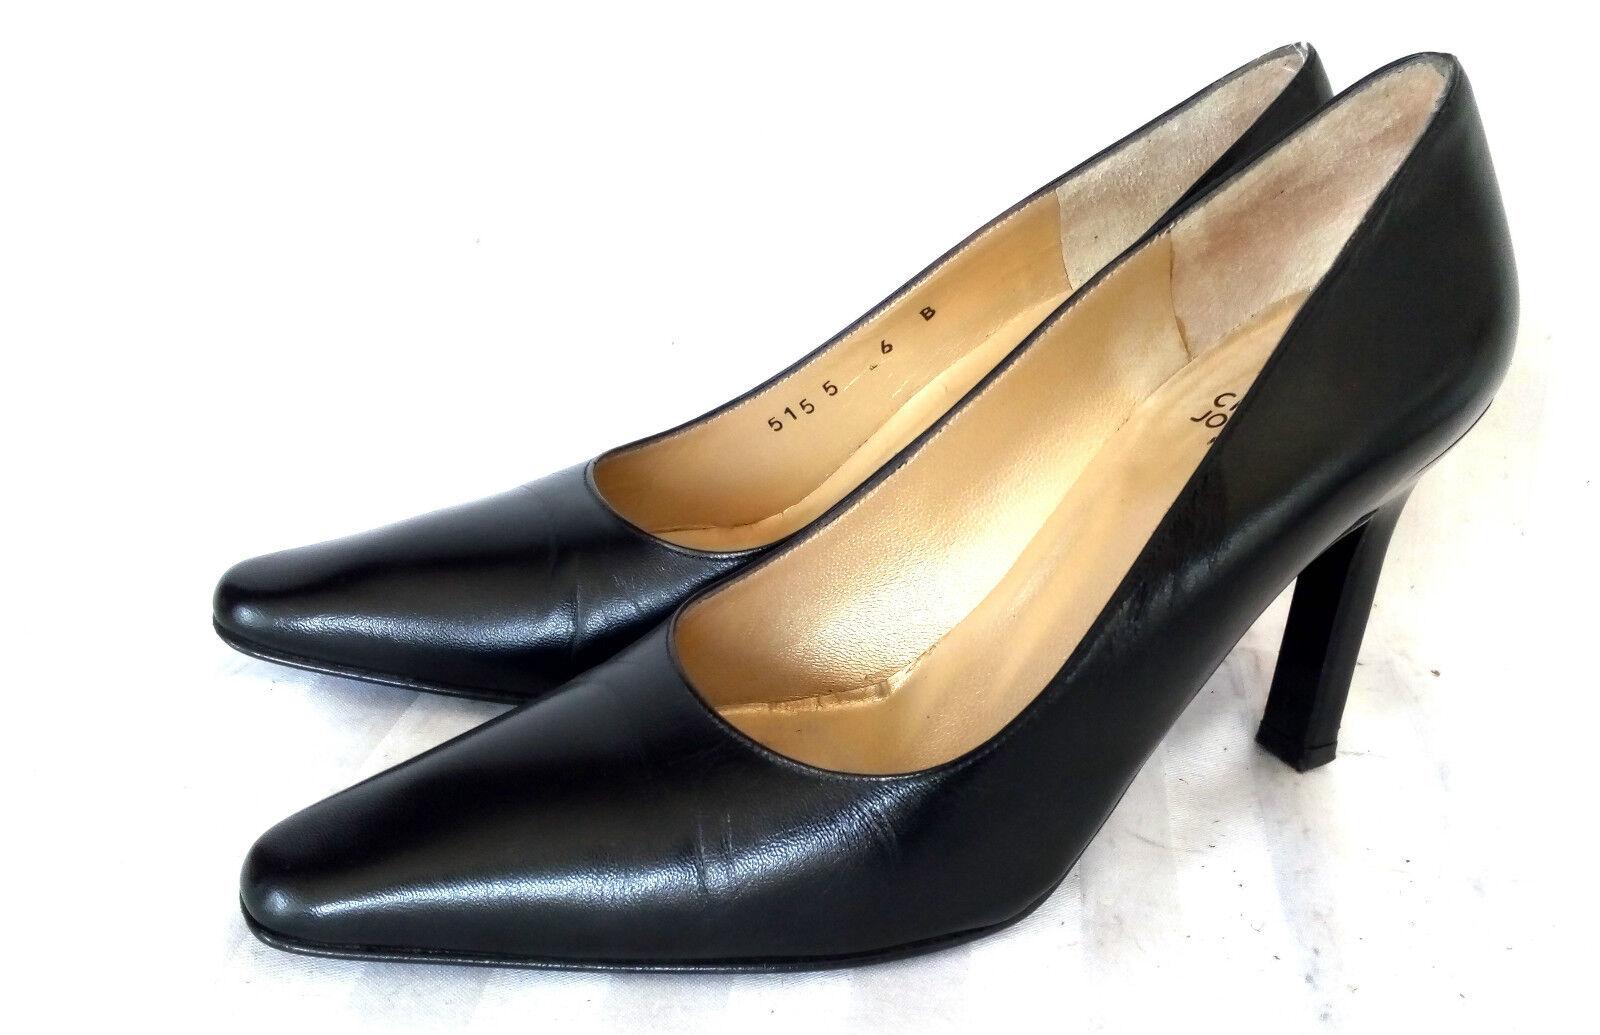 Charles Jourdan tacón alto zapatos cuero de salón hackenzapatos zapatos señora zapatos cuero zapatos negro 6 39 Top f71e6e